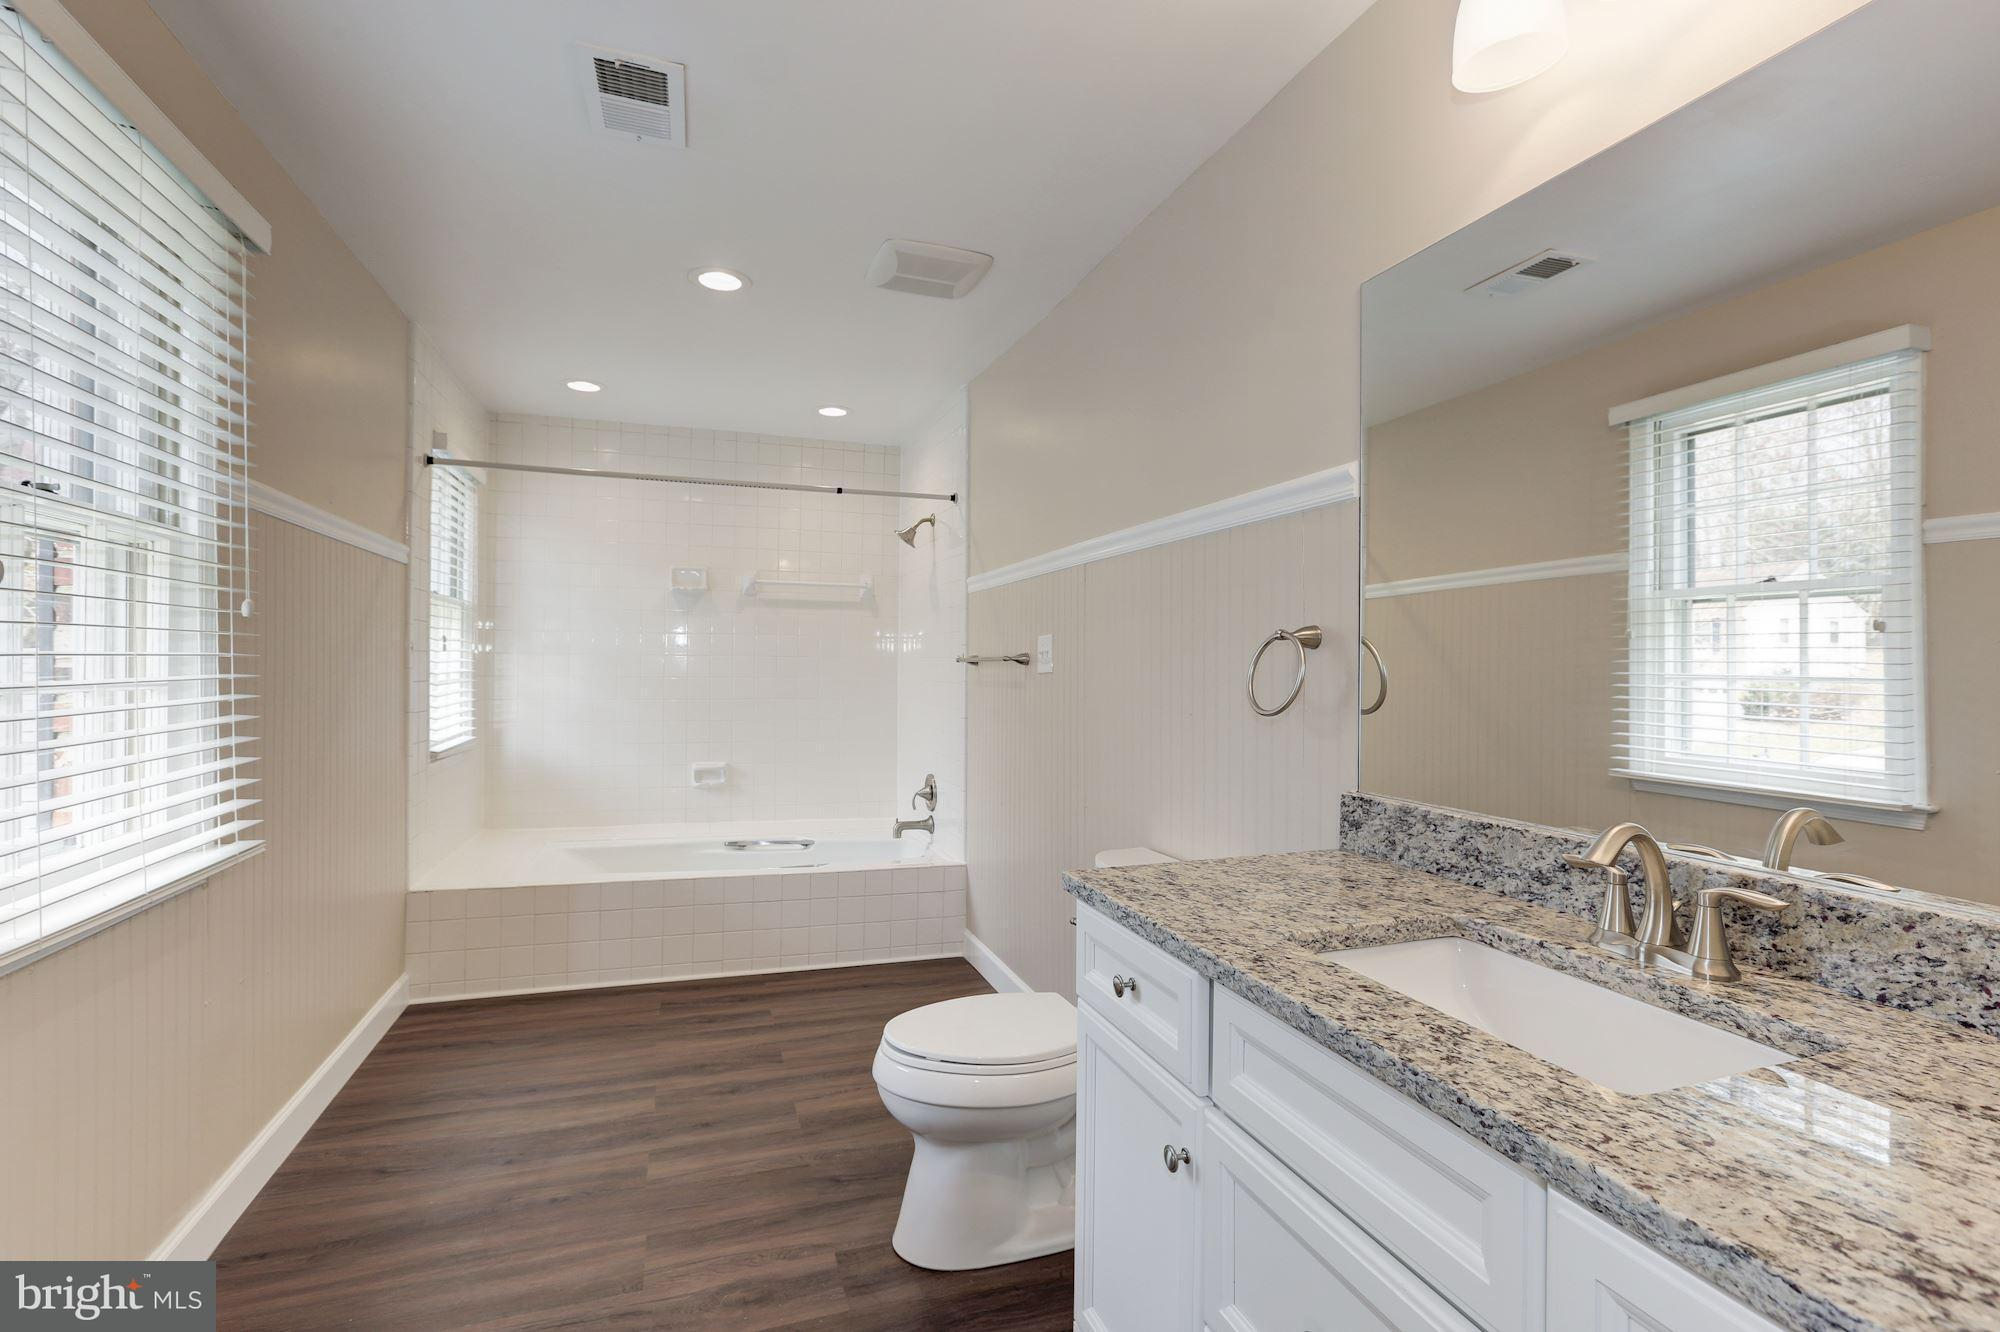 Home Design 9358 Part - 40: 9358 TOVITO DRIVE, Fairfax, VA 22031